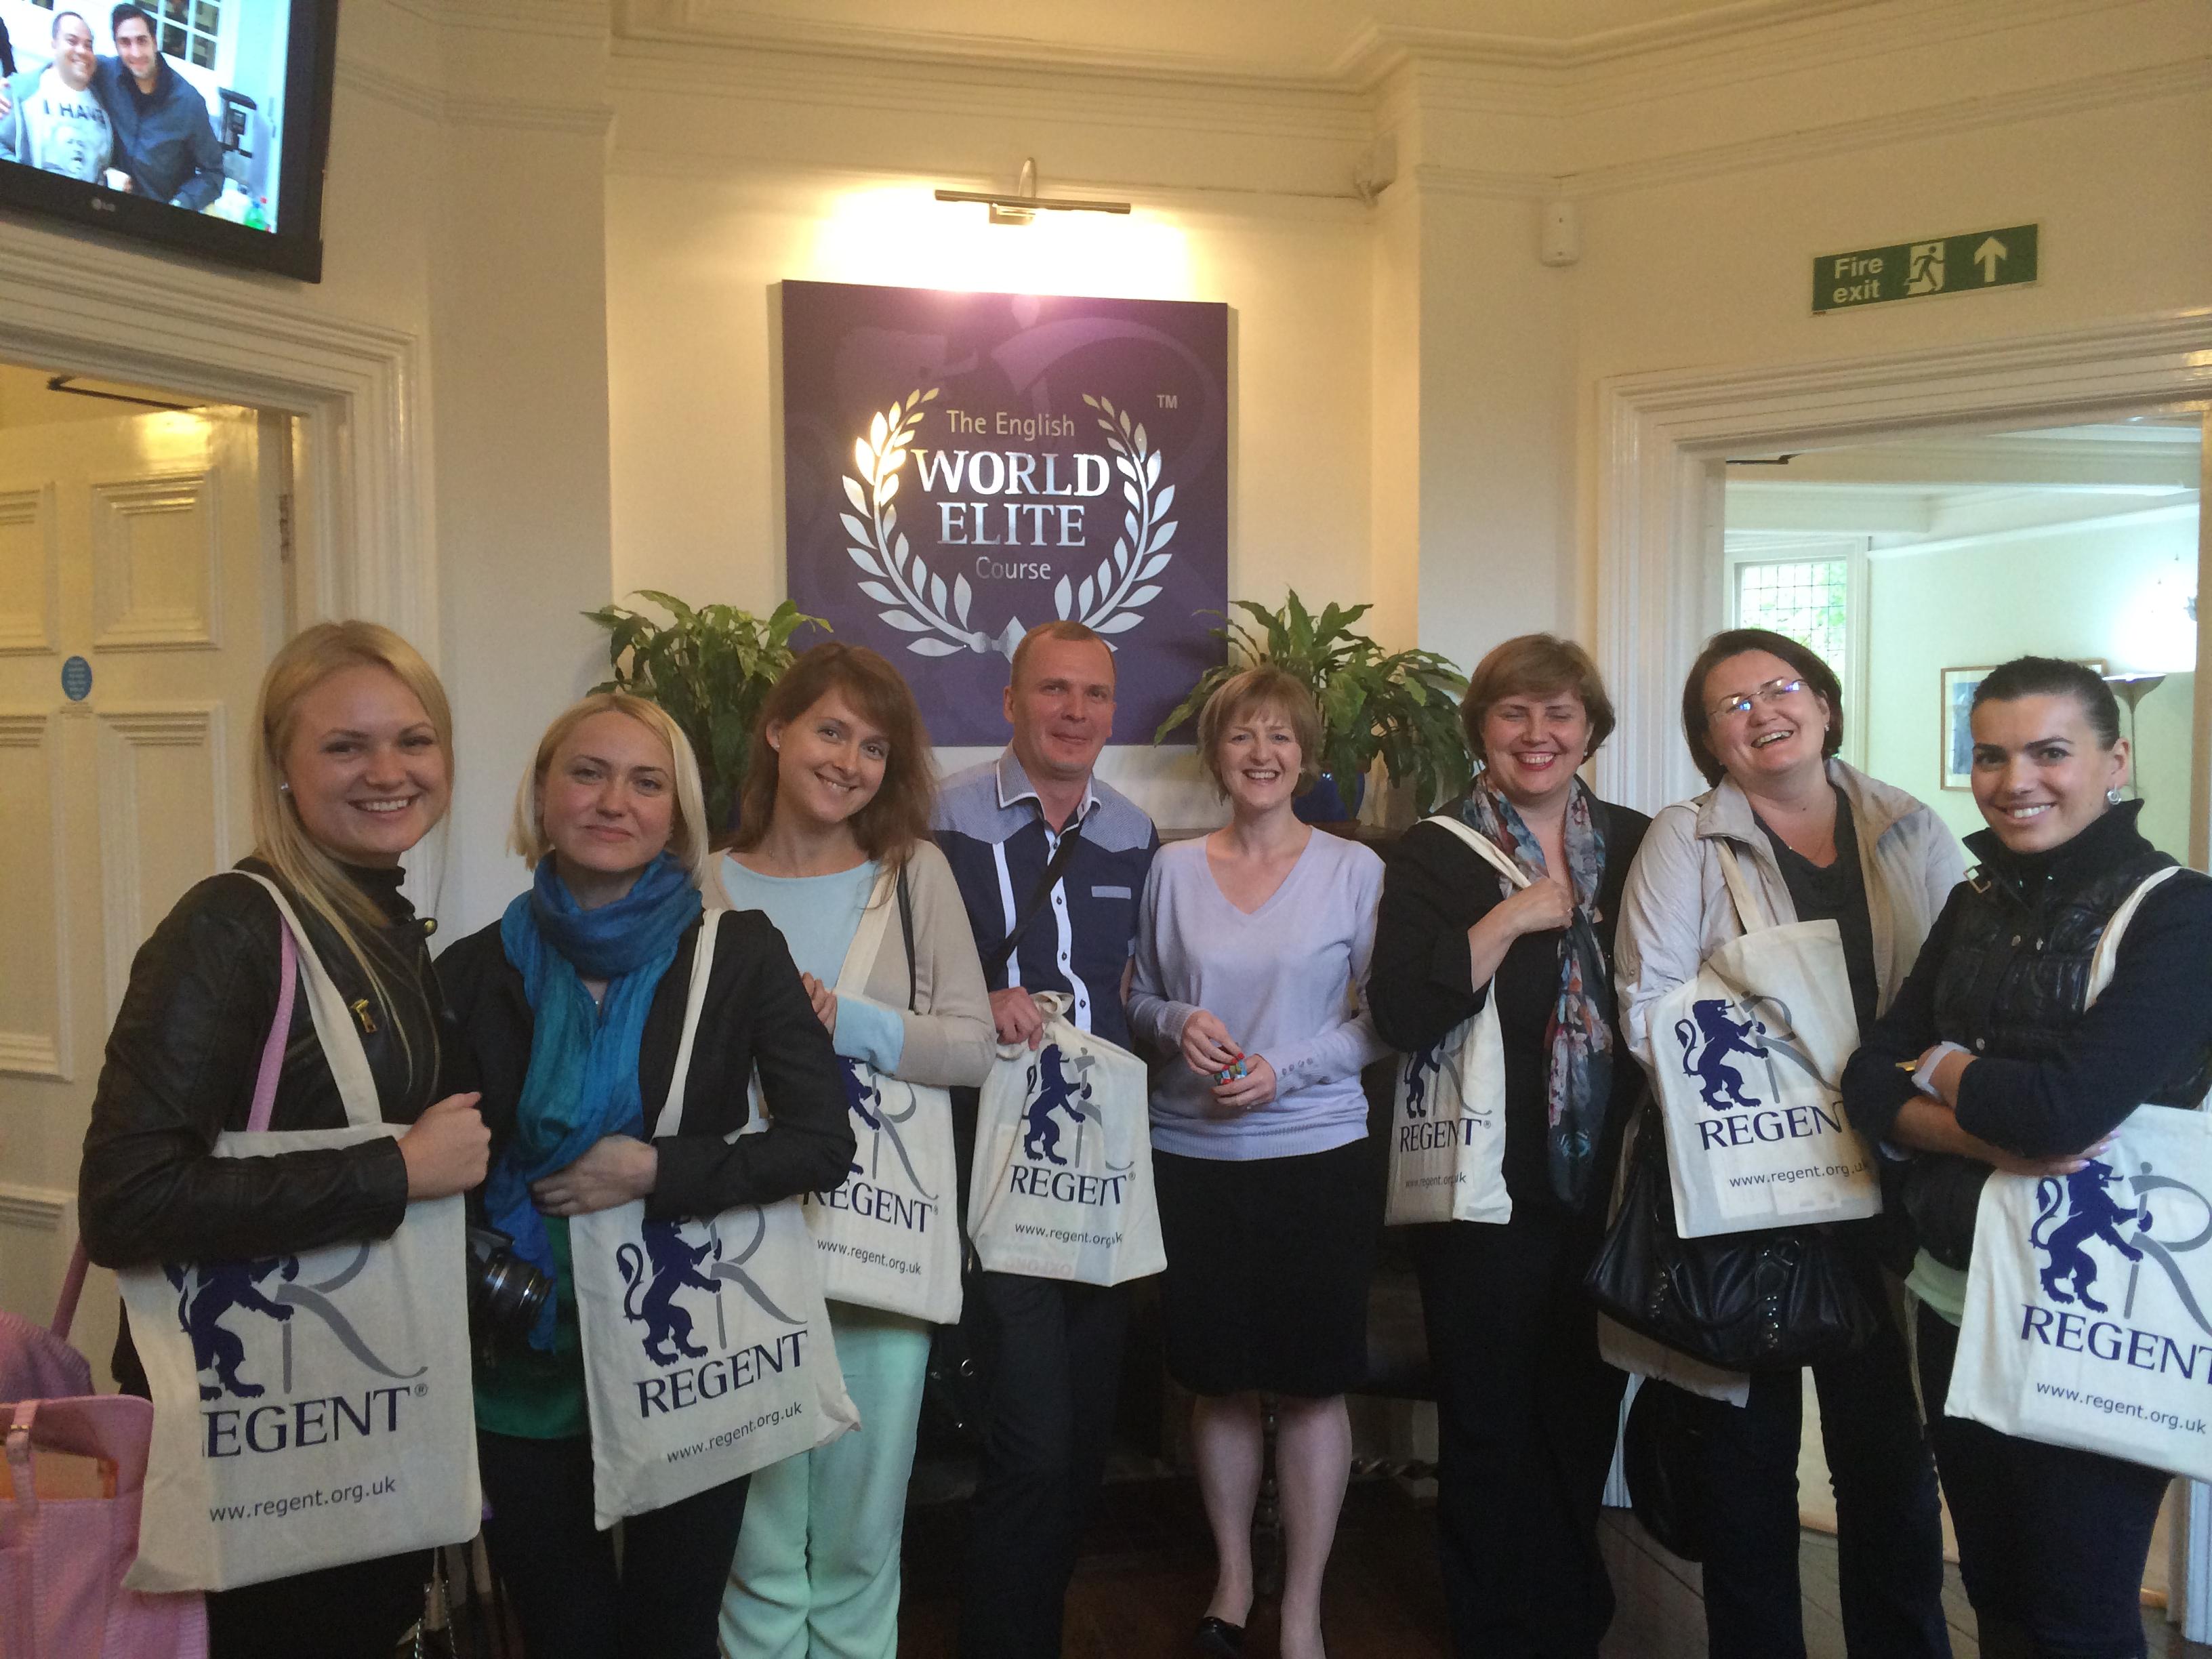 Наша группа в Regent Oxford